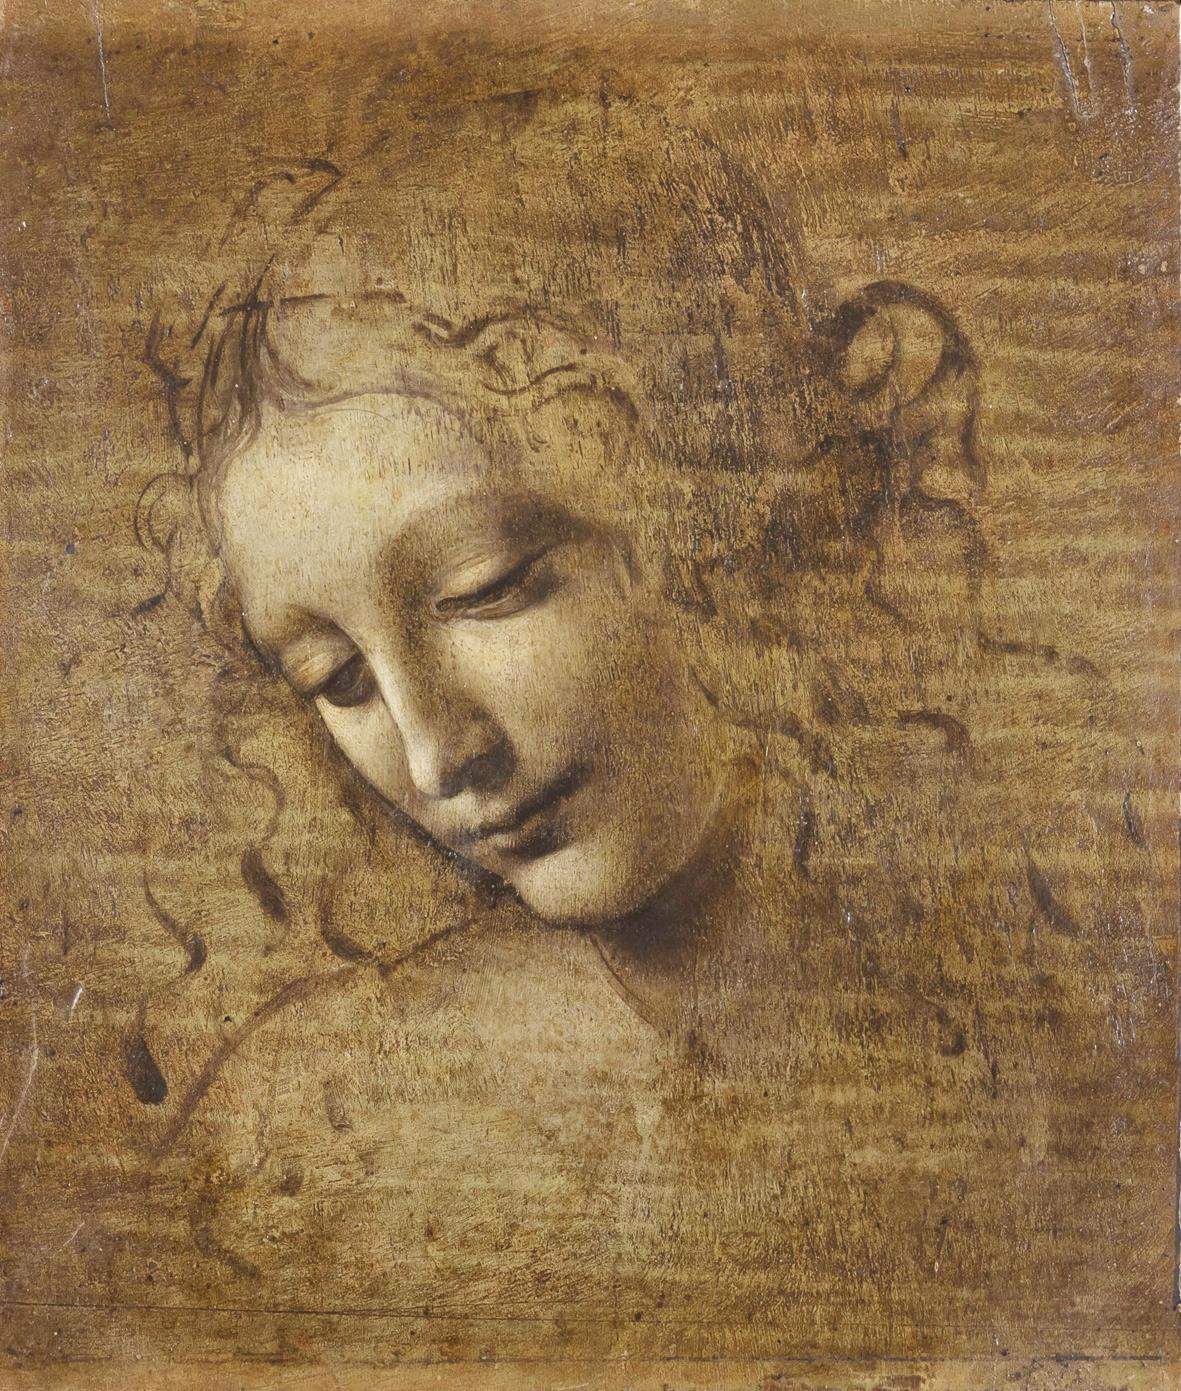 Leonardo da Vinci, Testa di donna detta La Scapiliata (1492 circa - 1501; biacca con pigmenti di ferro e cinabro, su preparazione di biacca contenente pigmenti a base di rame, giallo di piombo e stagno su tavola di noce, 24,7 x 21 cm; Parma, Complesso Monumentale della Pilotta, Galleria Nazionale)